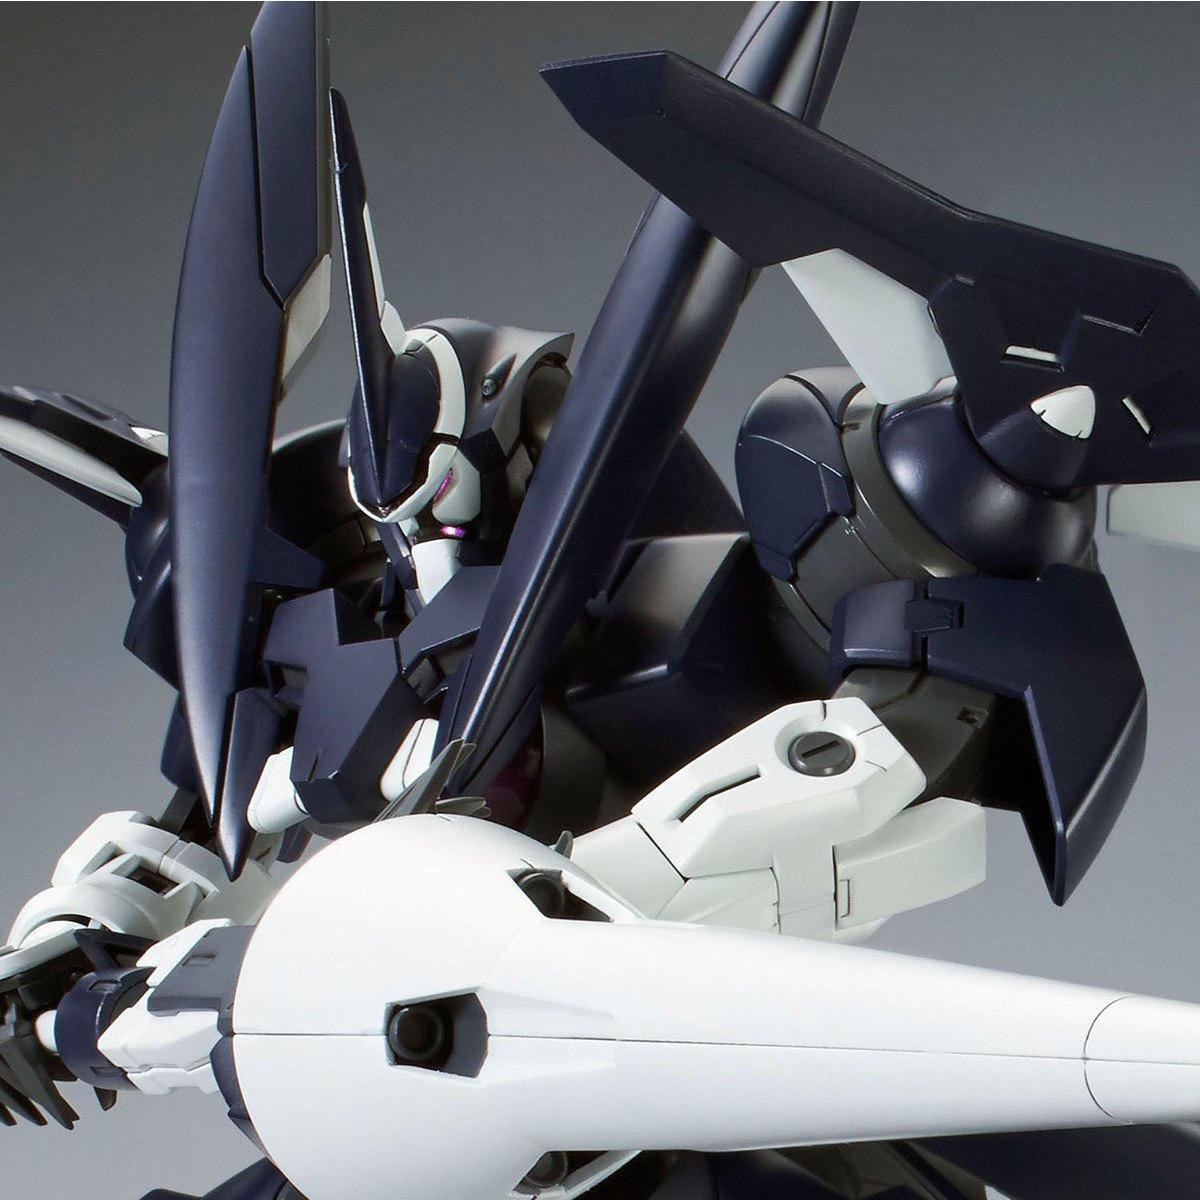 ล็อตที่ 2Pre_Order:P-bandai:MG 1/100 GNX-604T Advanced GN-X [Mobile Suit Gundam 00V]4536yen สินค้าเข้าไทยเดือน9 มัดจำ 500บาท